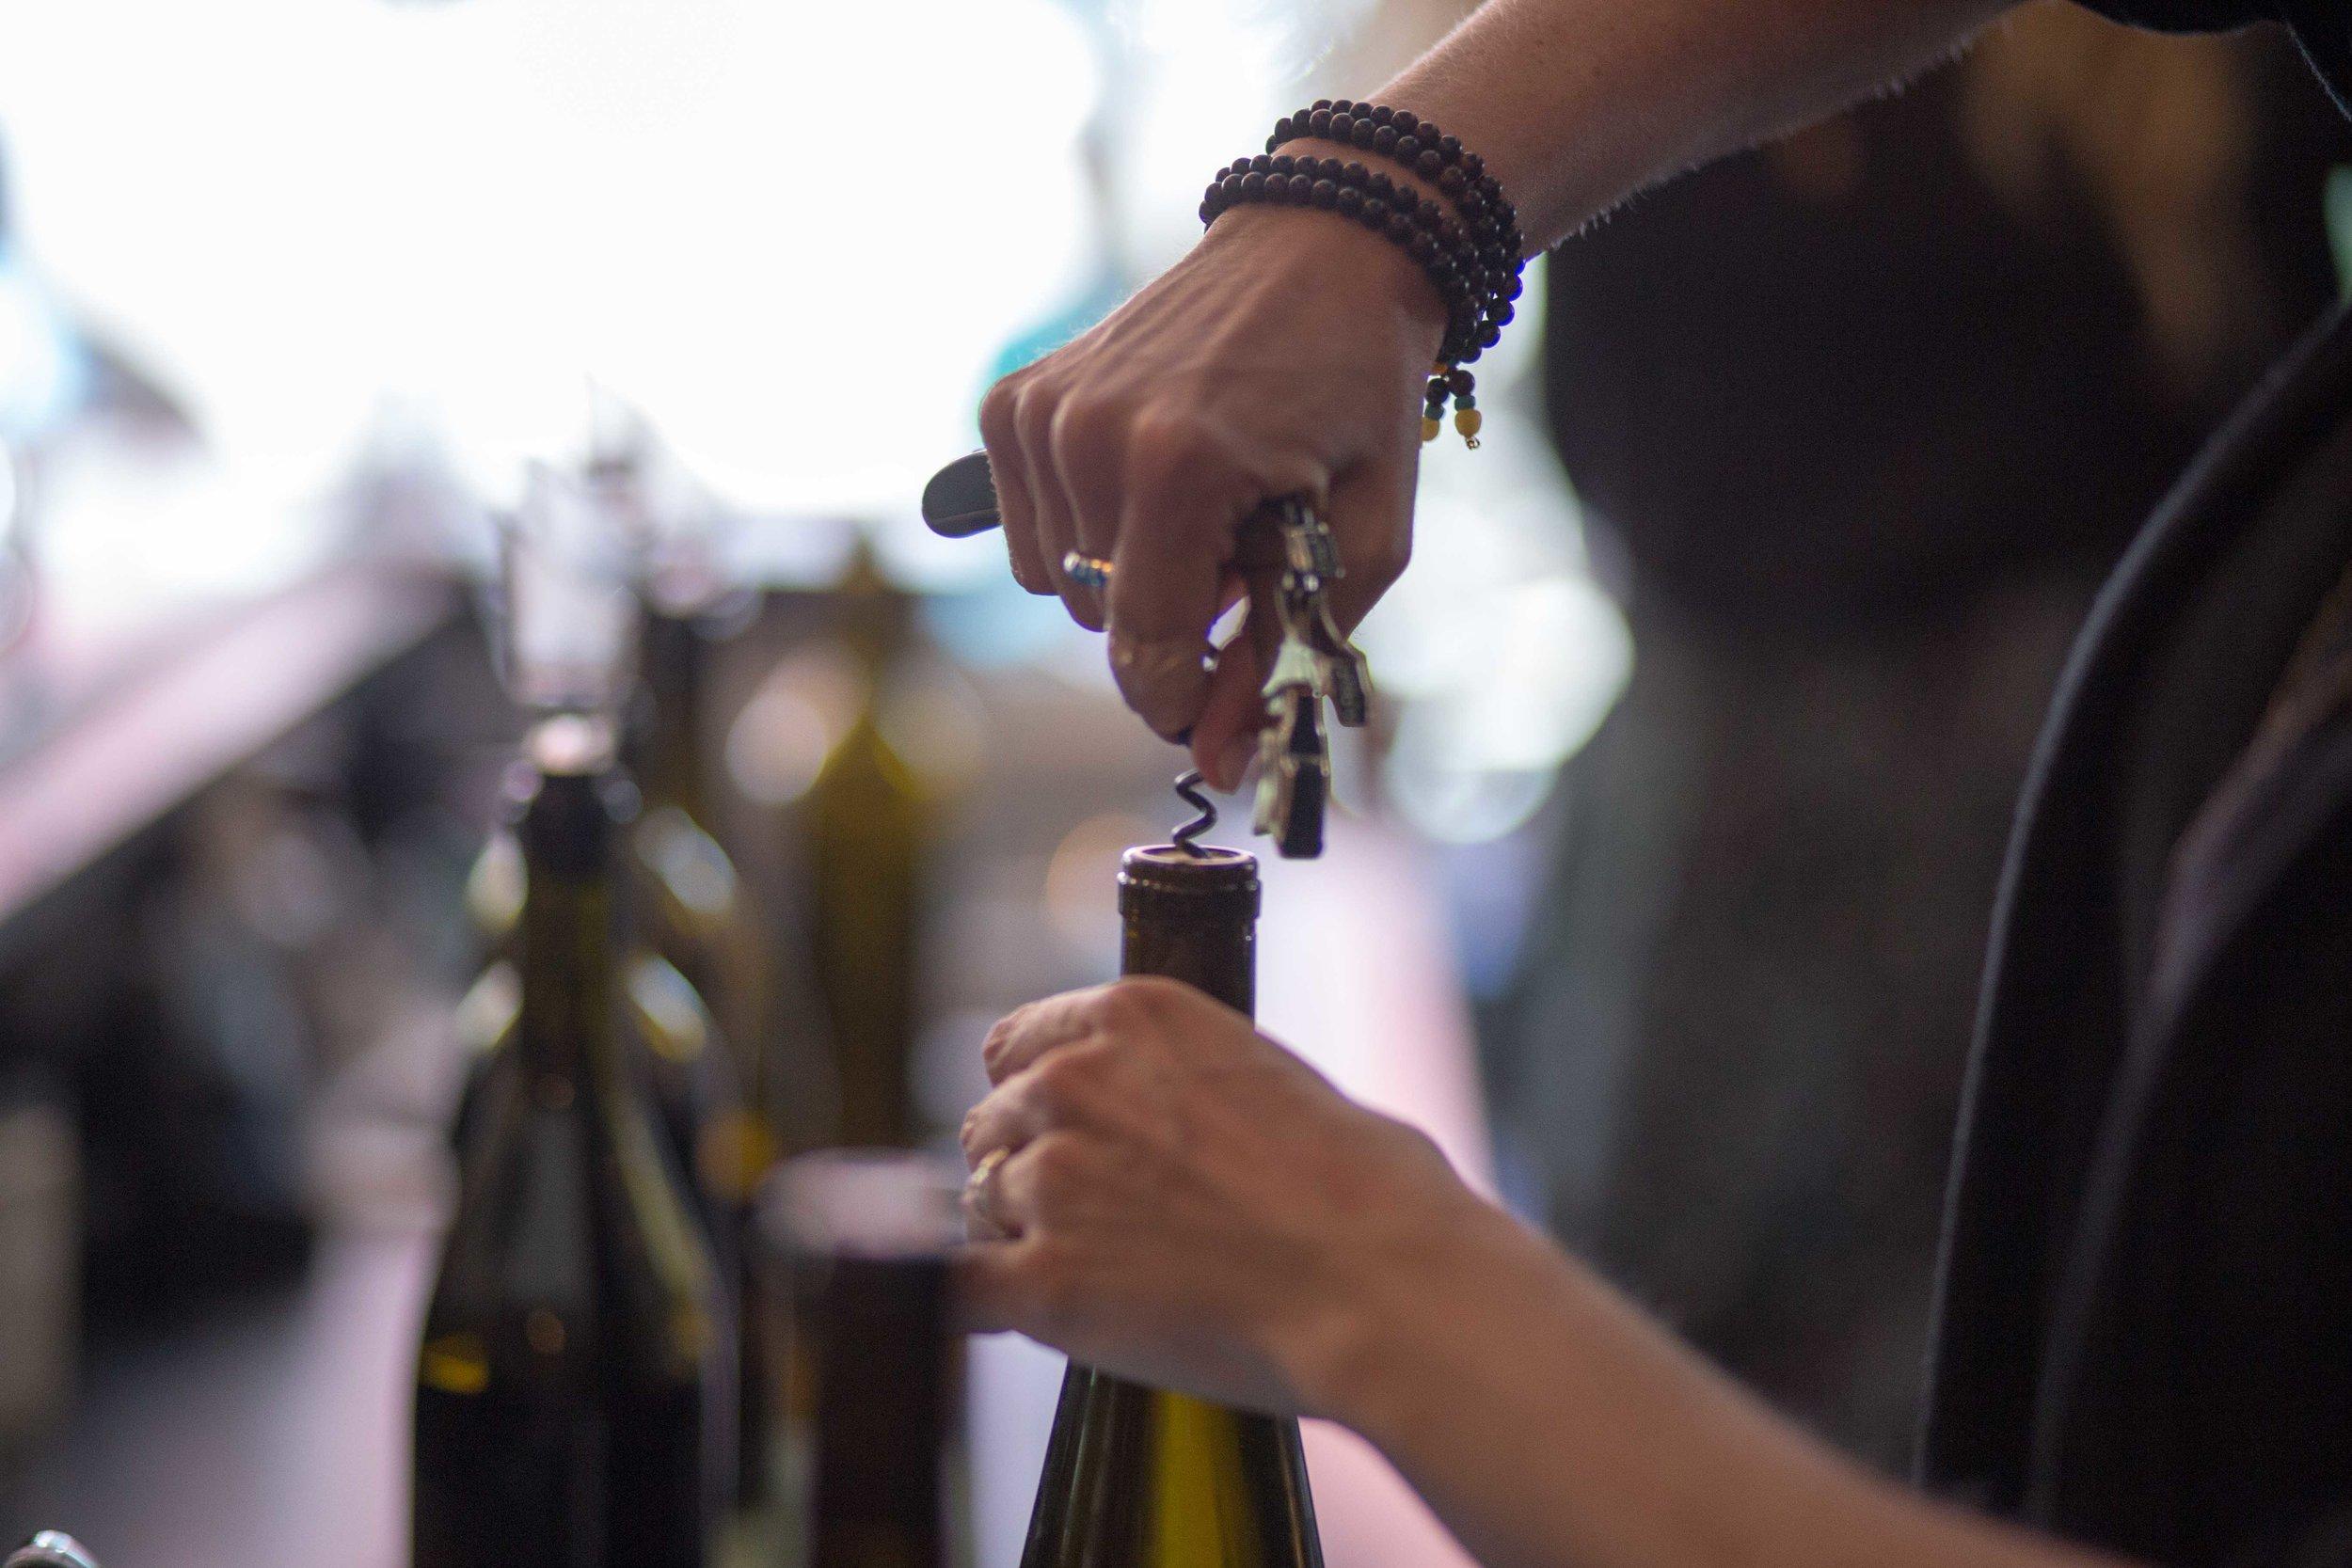 Hood River Wine Alliance Wine Walk  Columbia Gorge Downtown Tasting Rooms Wineries Drink Taste Explore-71.jpg